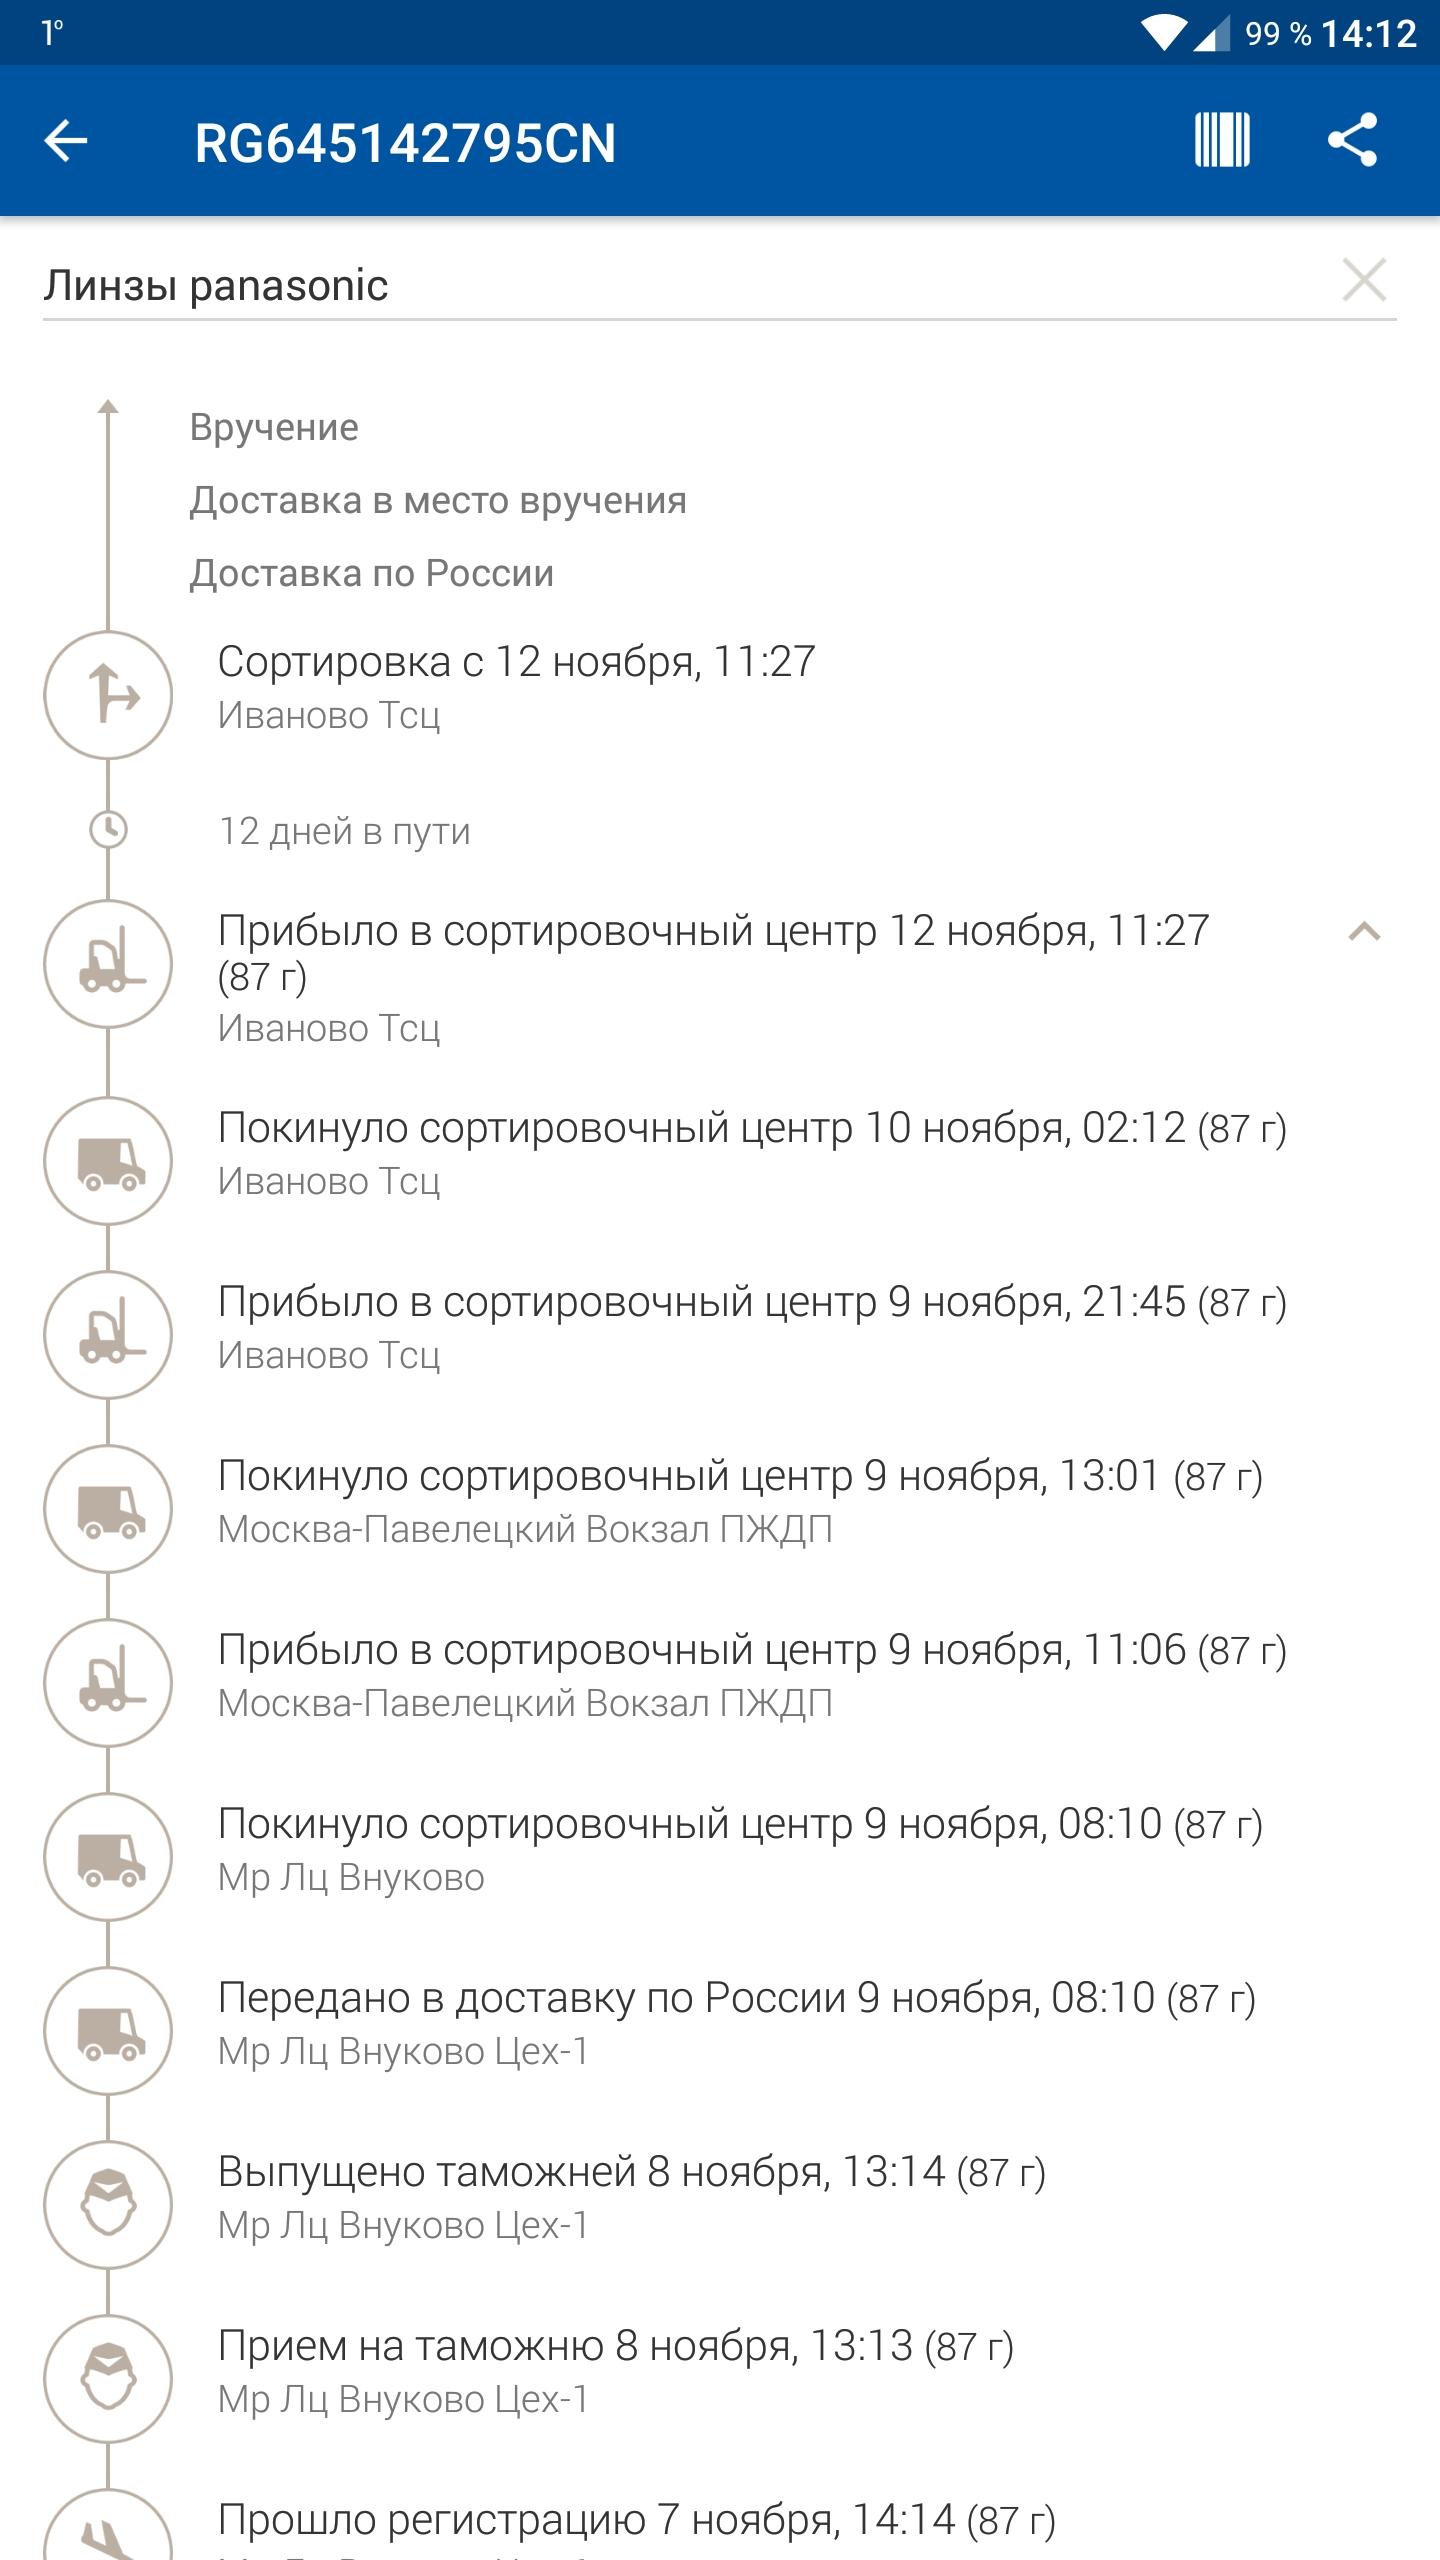 Плохая работа почты россии в городе орел пожаловаться по телефону